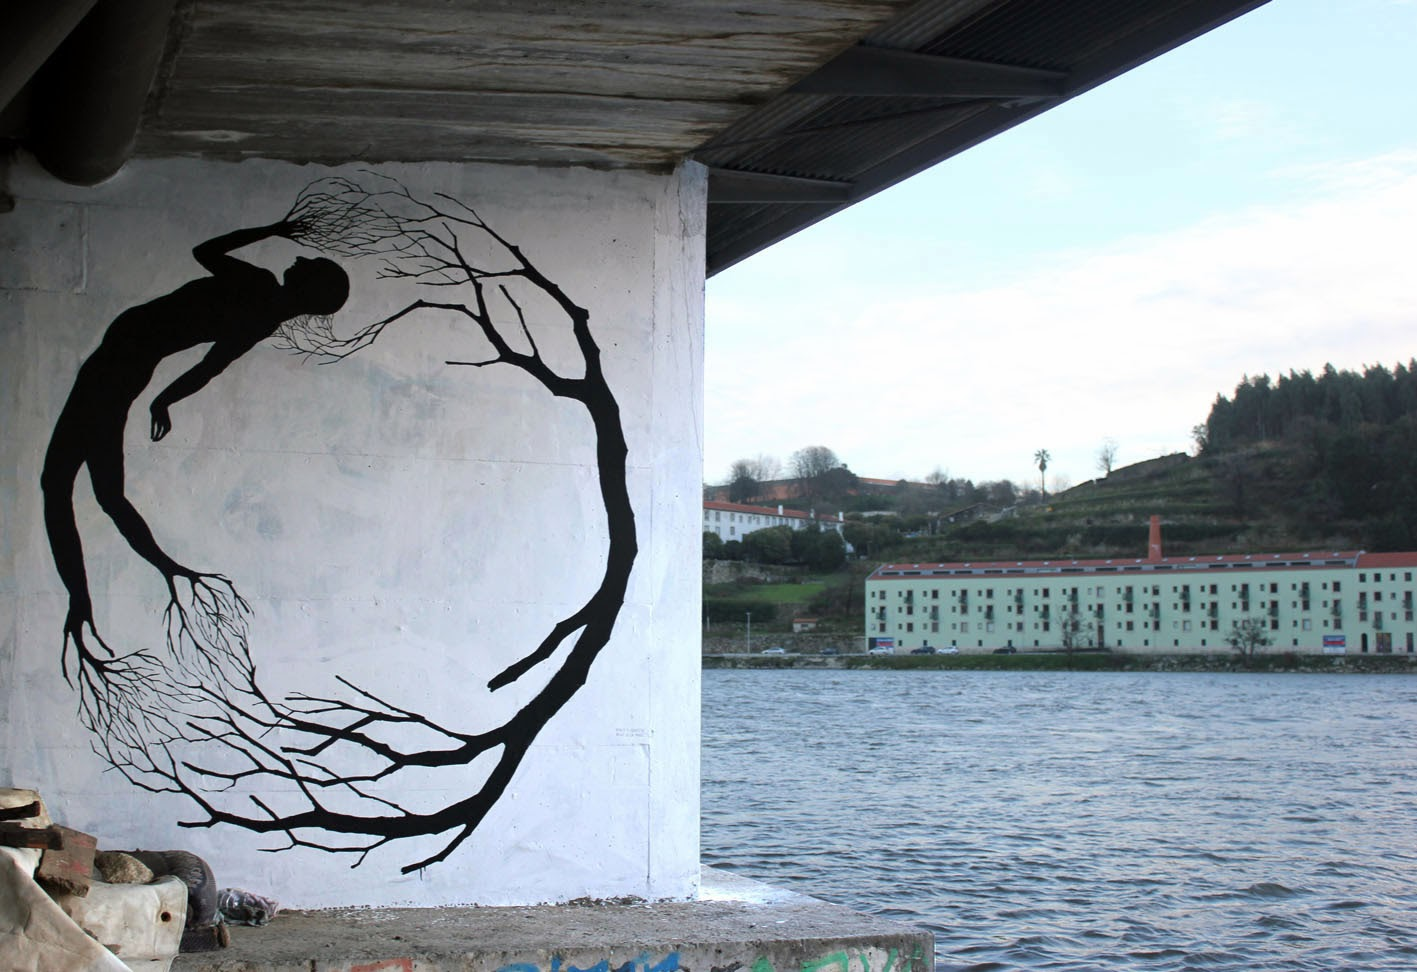 David De La Mano x Pablo S. Herrero New Murals - Porto, Portugal